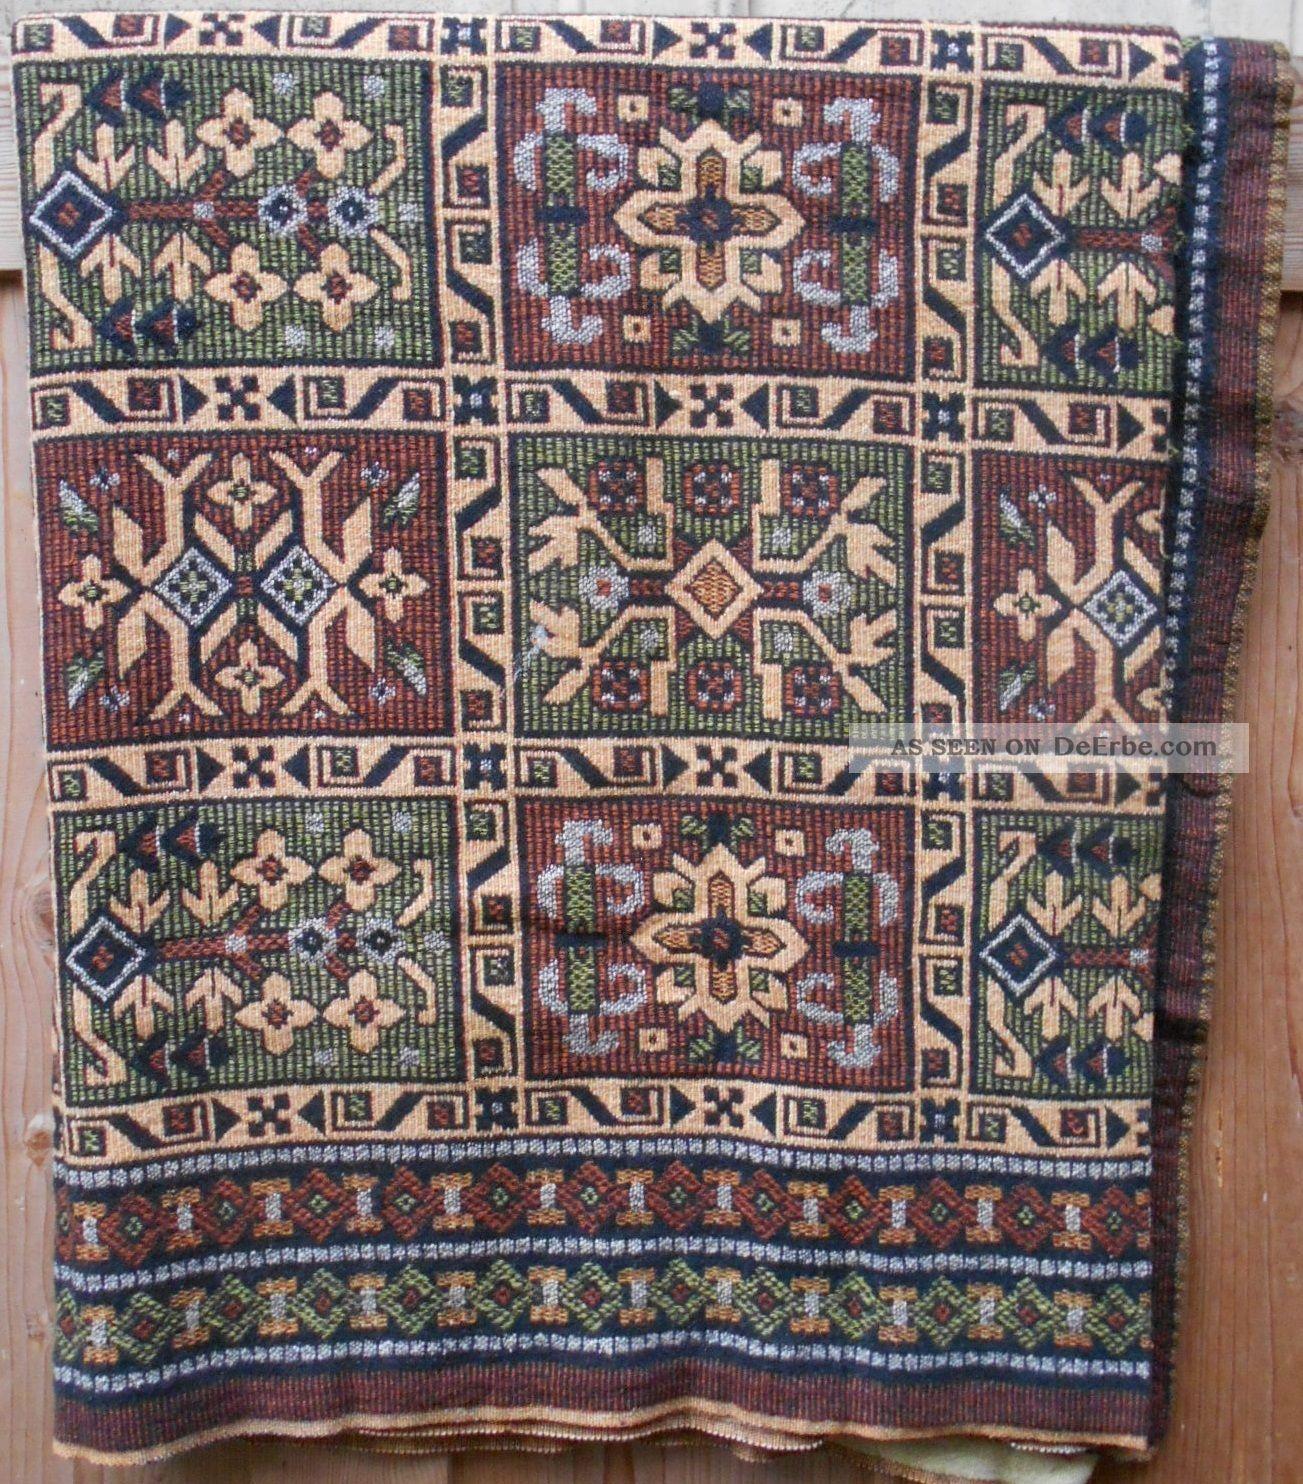 Alte Decke Gewebt Sofadecke Tischdecke 2,  30x1,  35 Cm 40 - 50er Jahre Tischdecken Bild